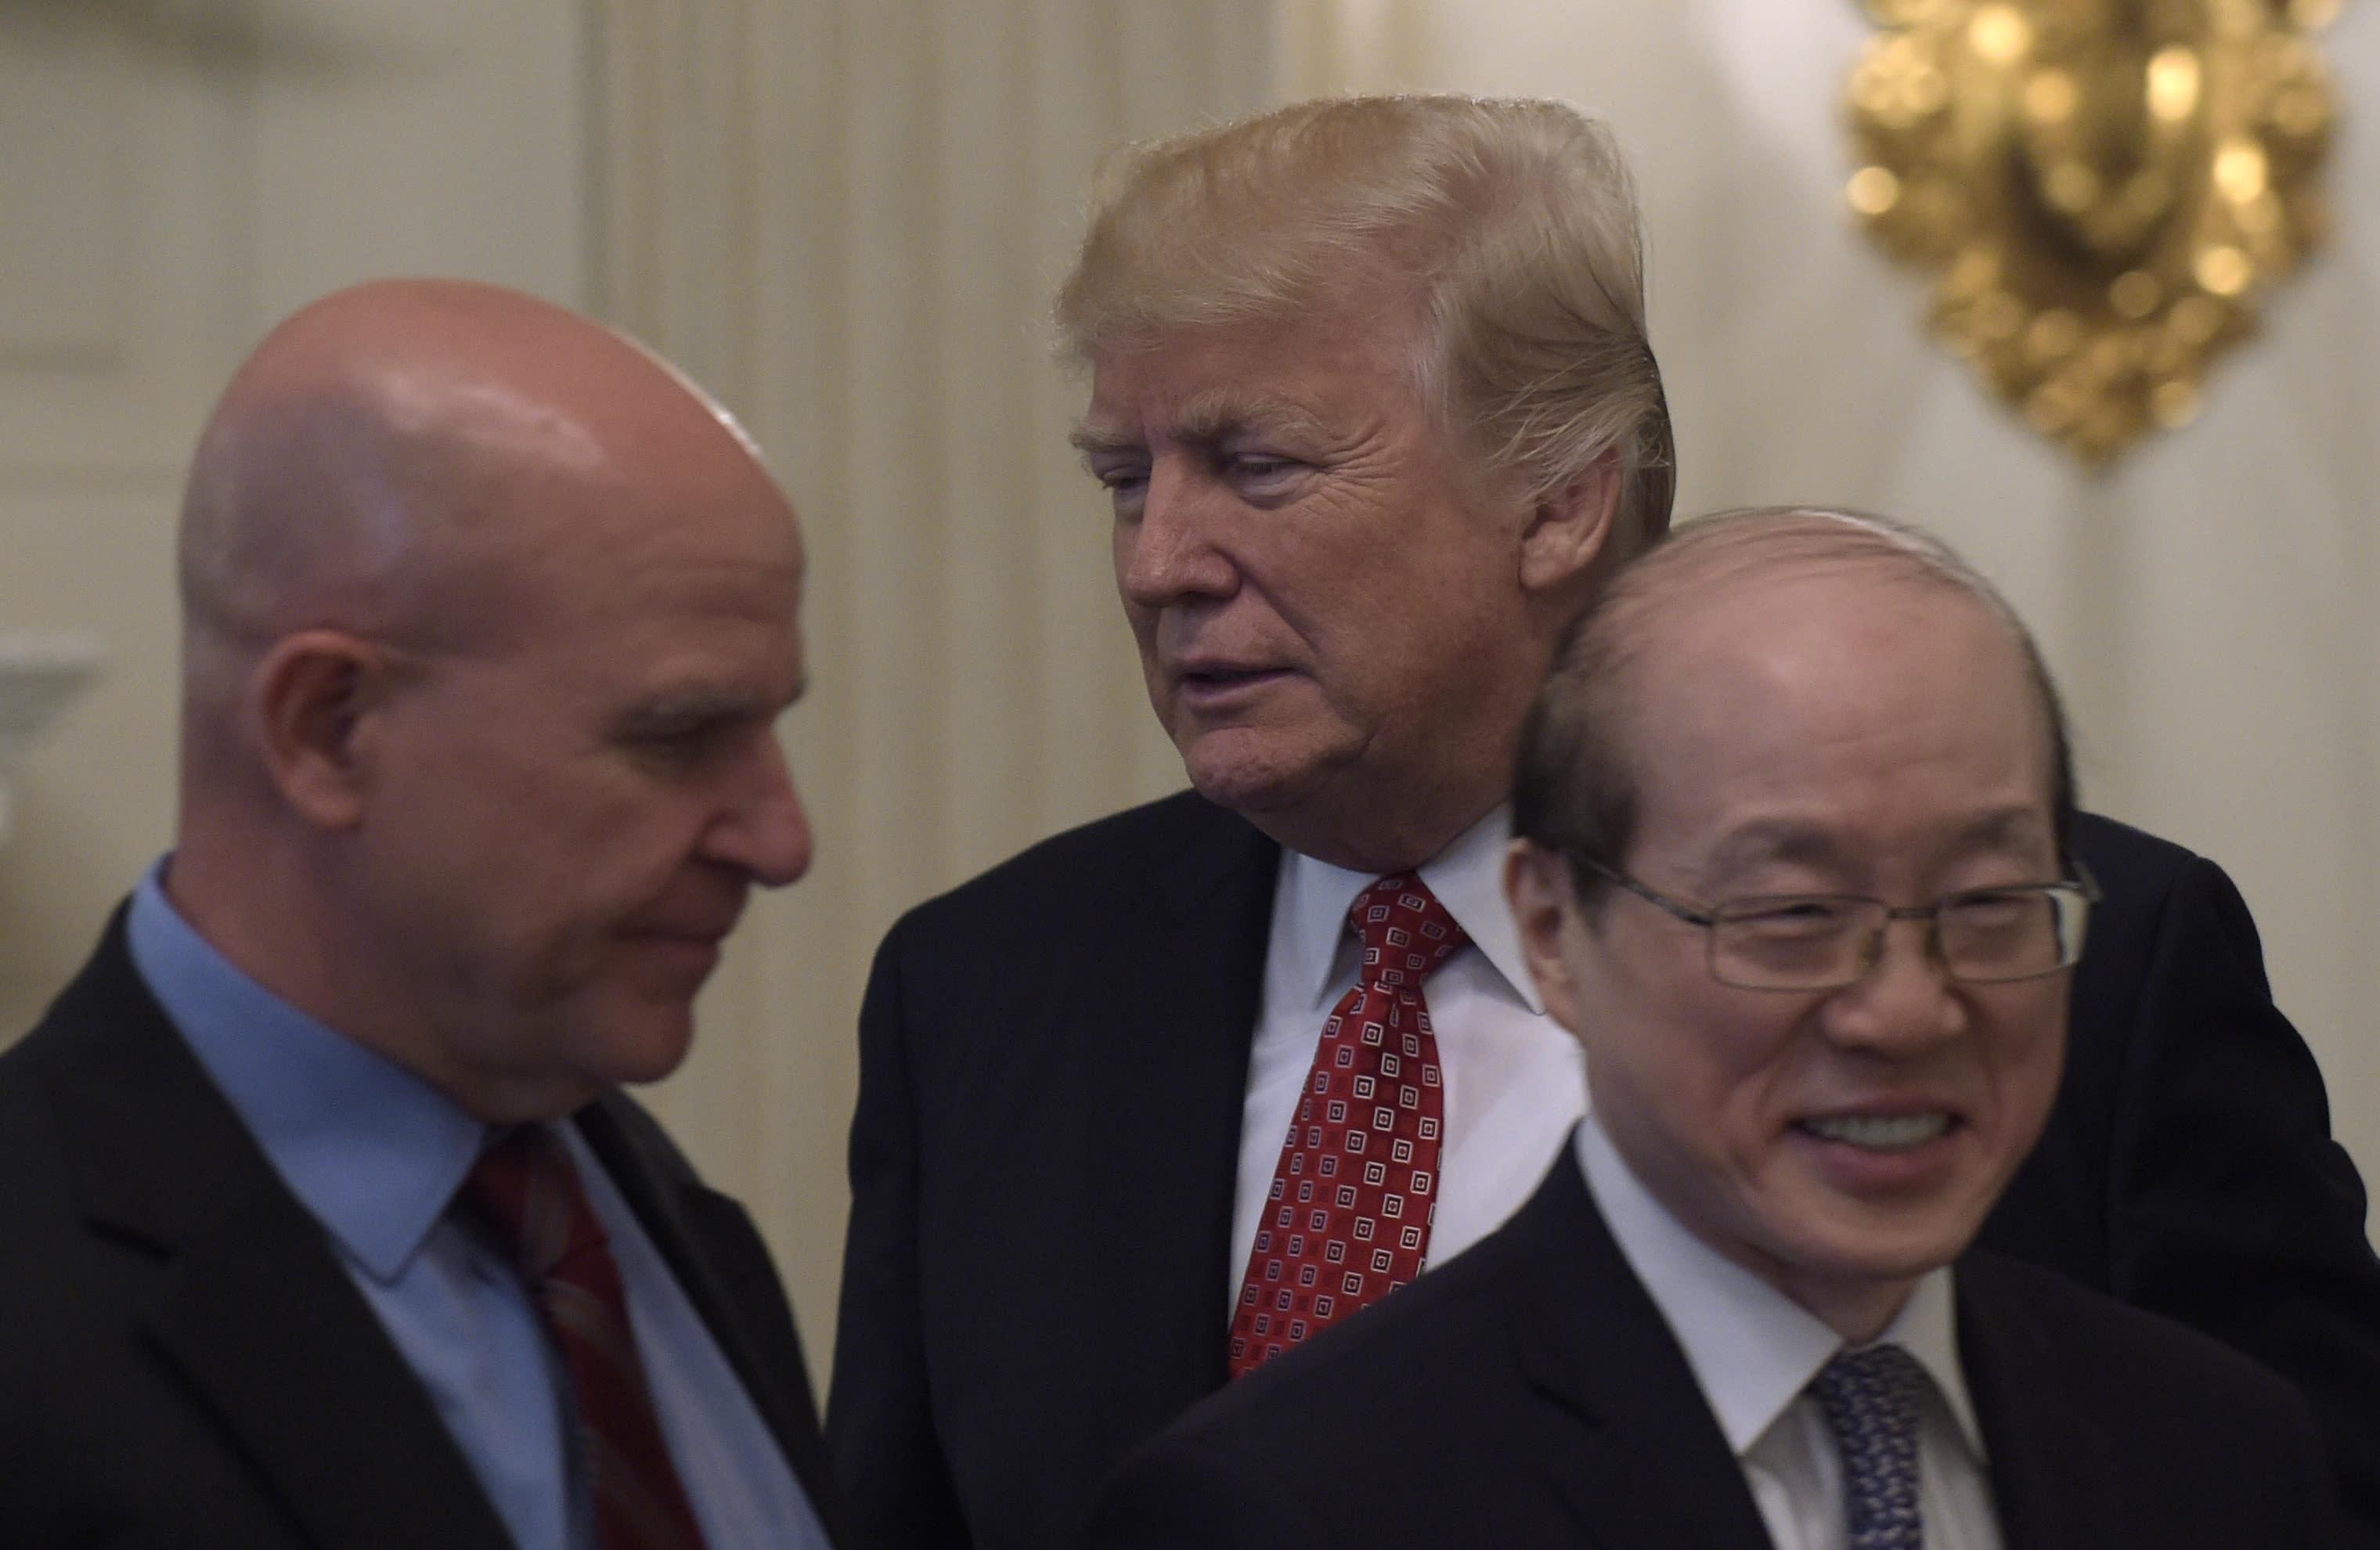 Hasil gambar untuk 5:30PM: President Trump meets with National Security Advisor H. R. McMaster